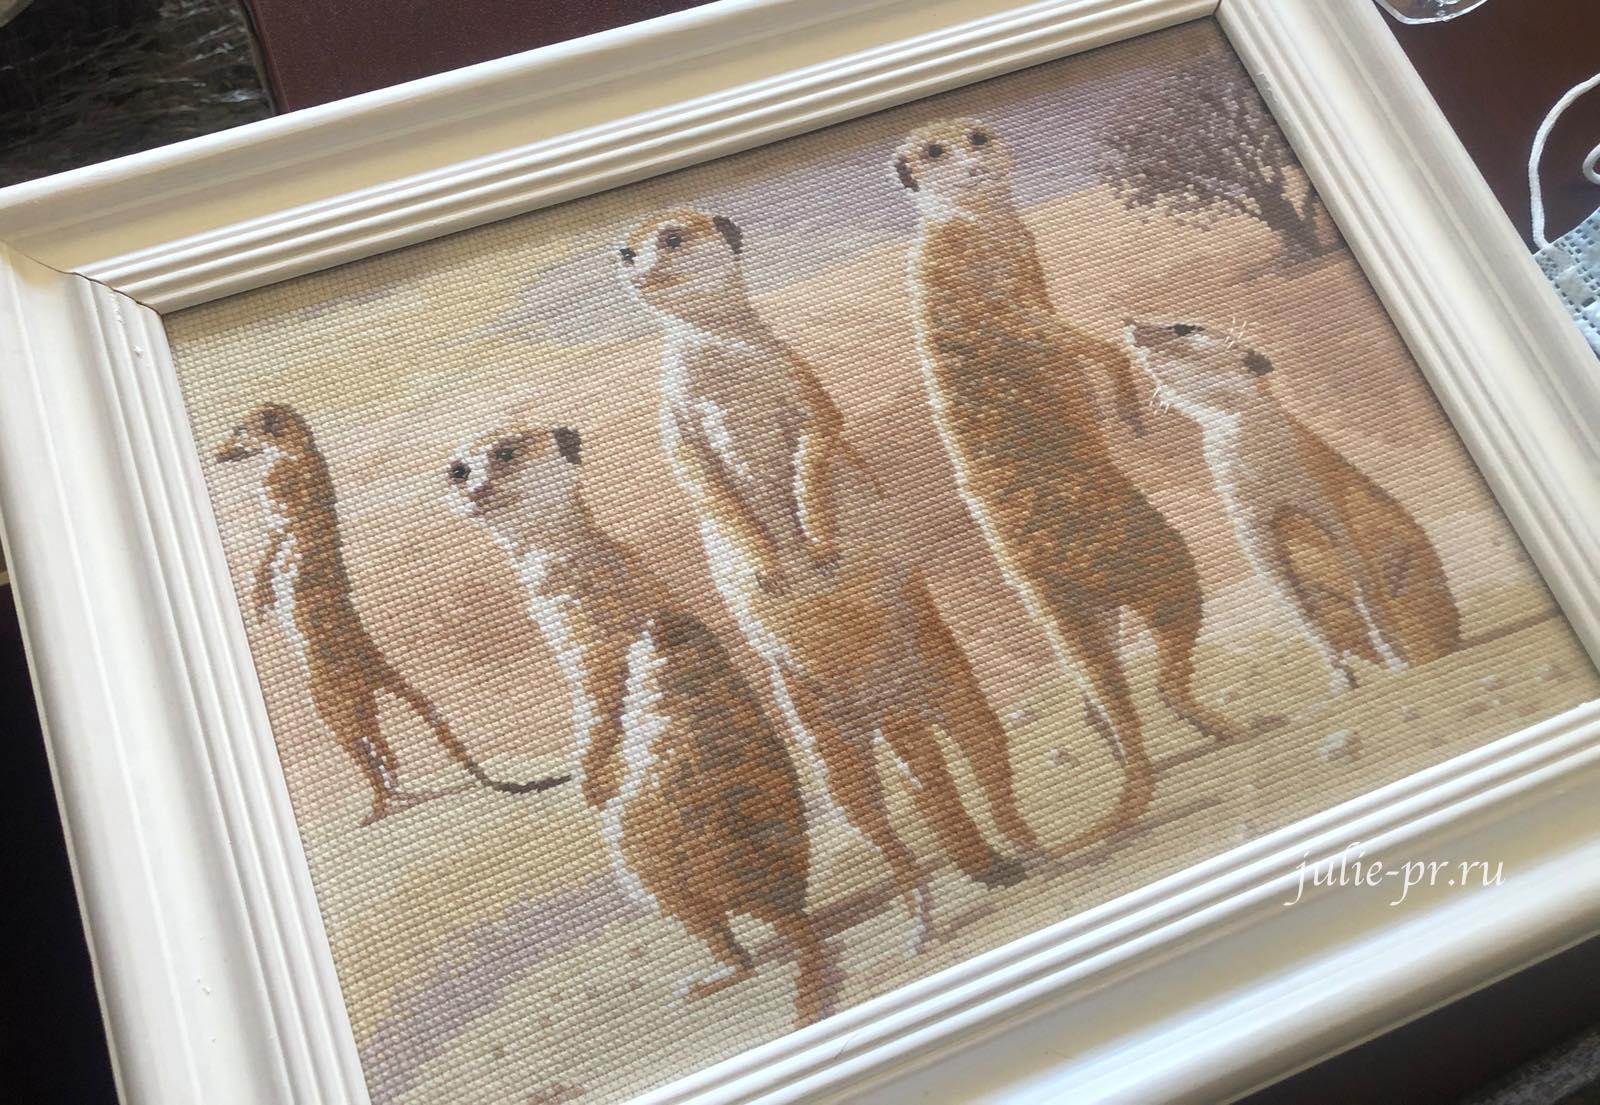 Meercats, Сурикаты, вышивка крестом, Heritage, John Clayton, выставка Грани Джона Клейтона